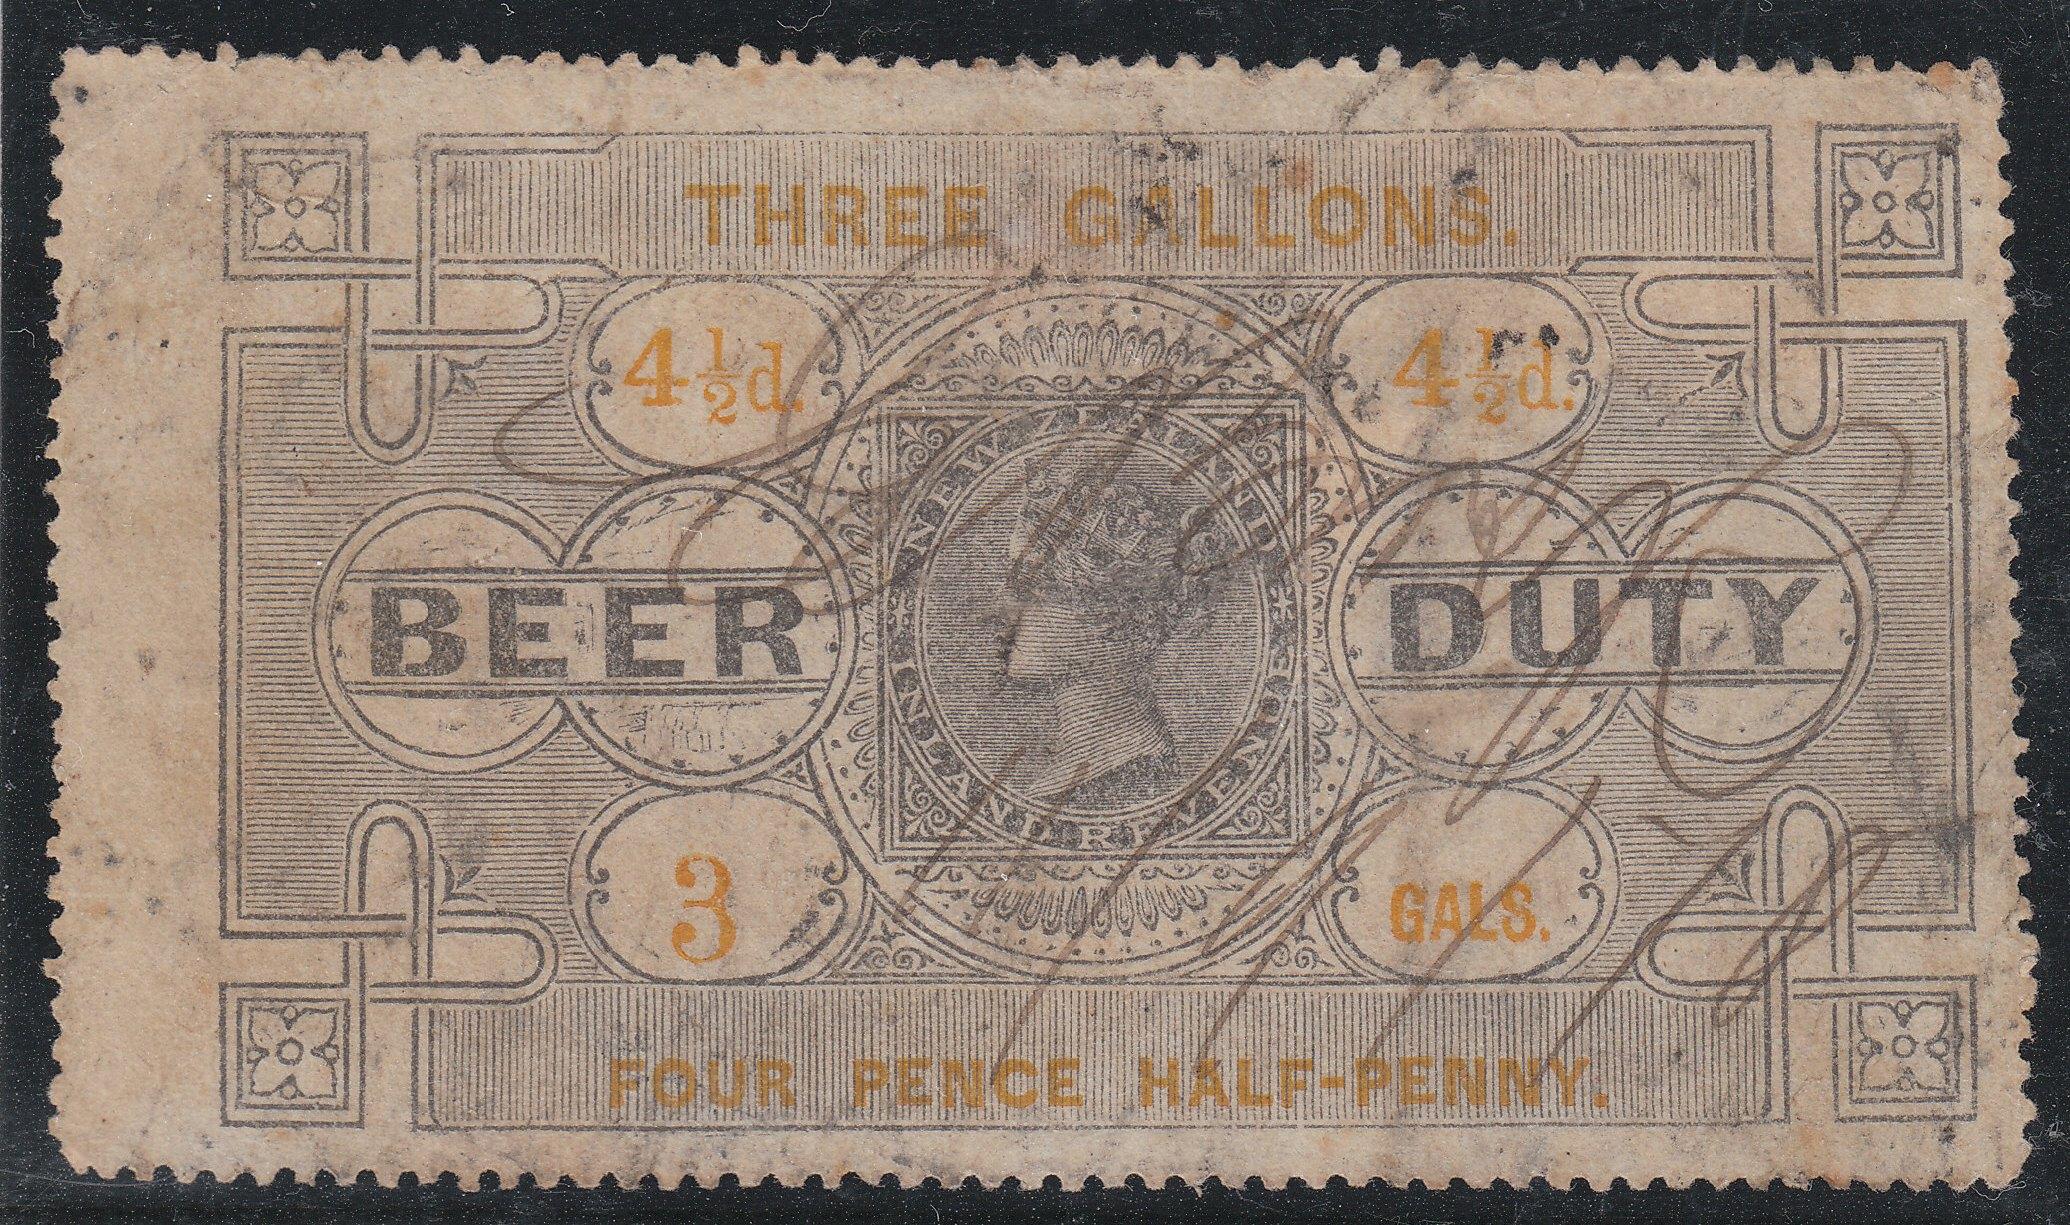 Beer Duty - 1878 4 1/2d Black & Yellow